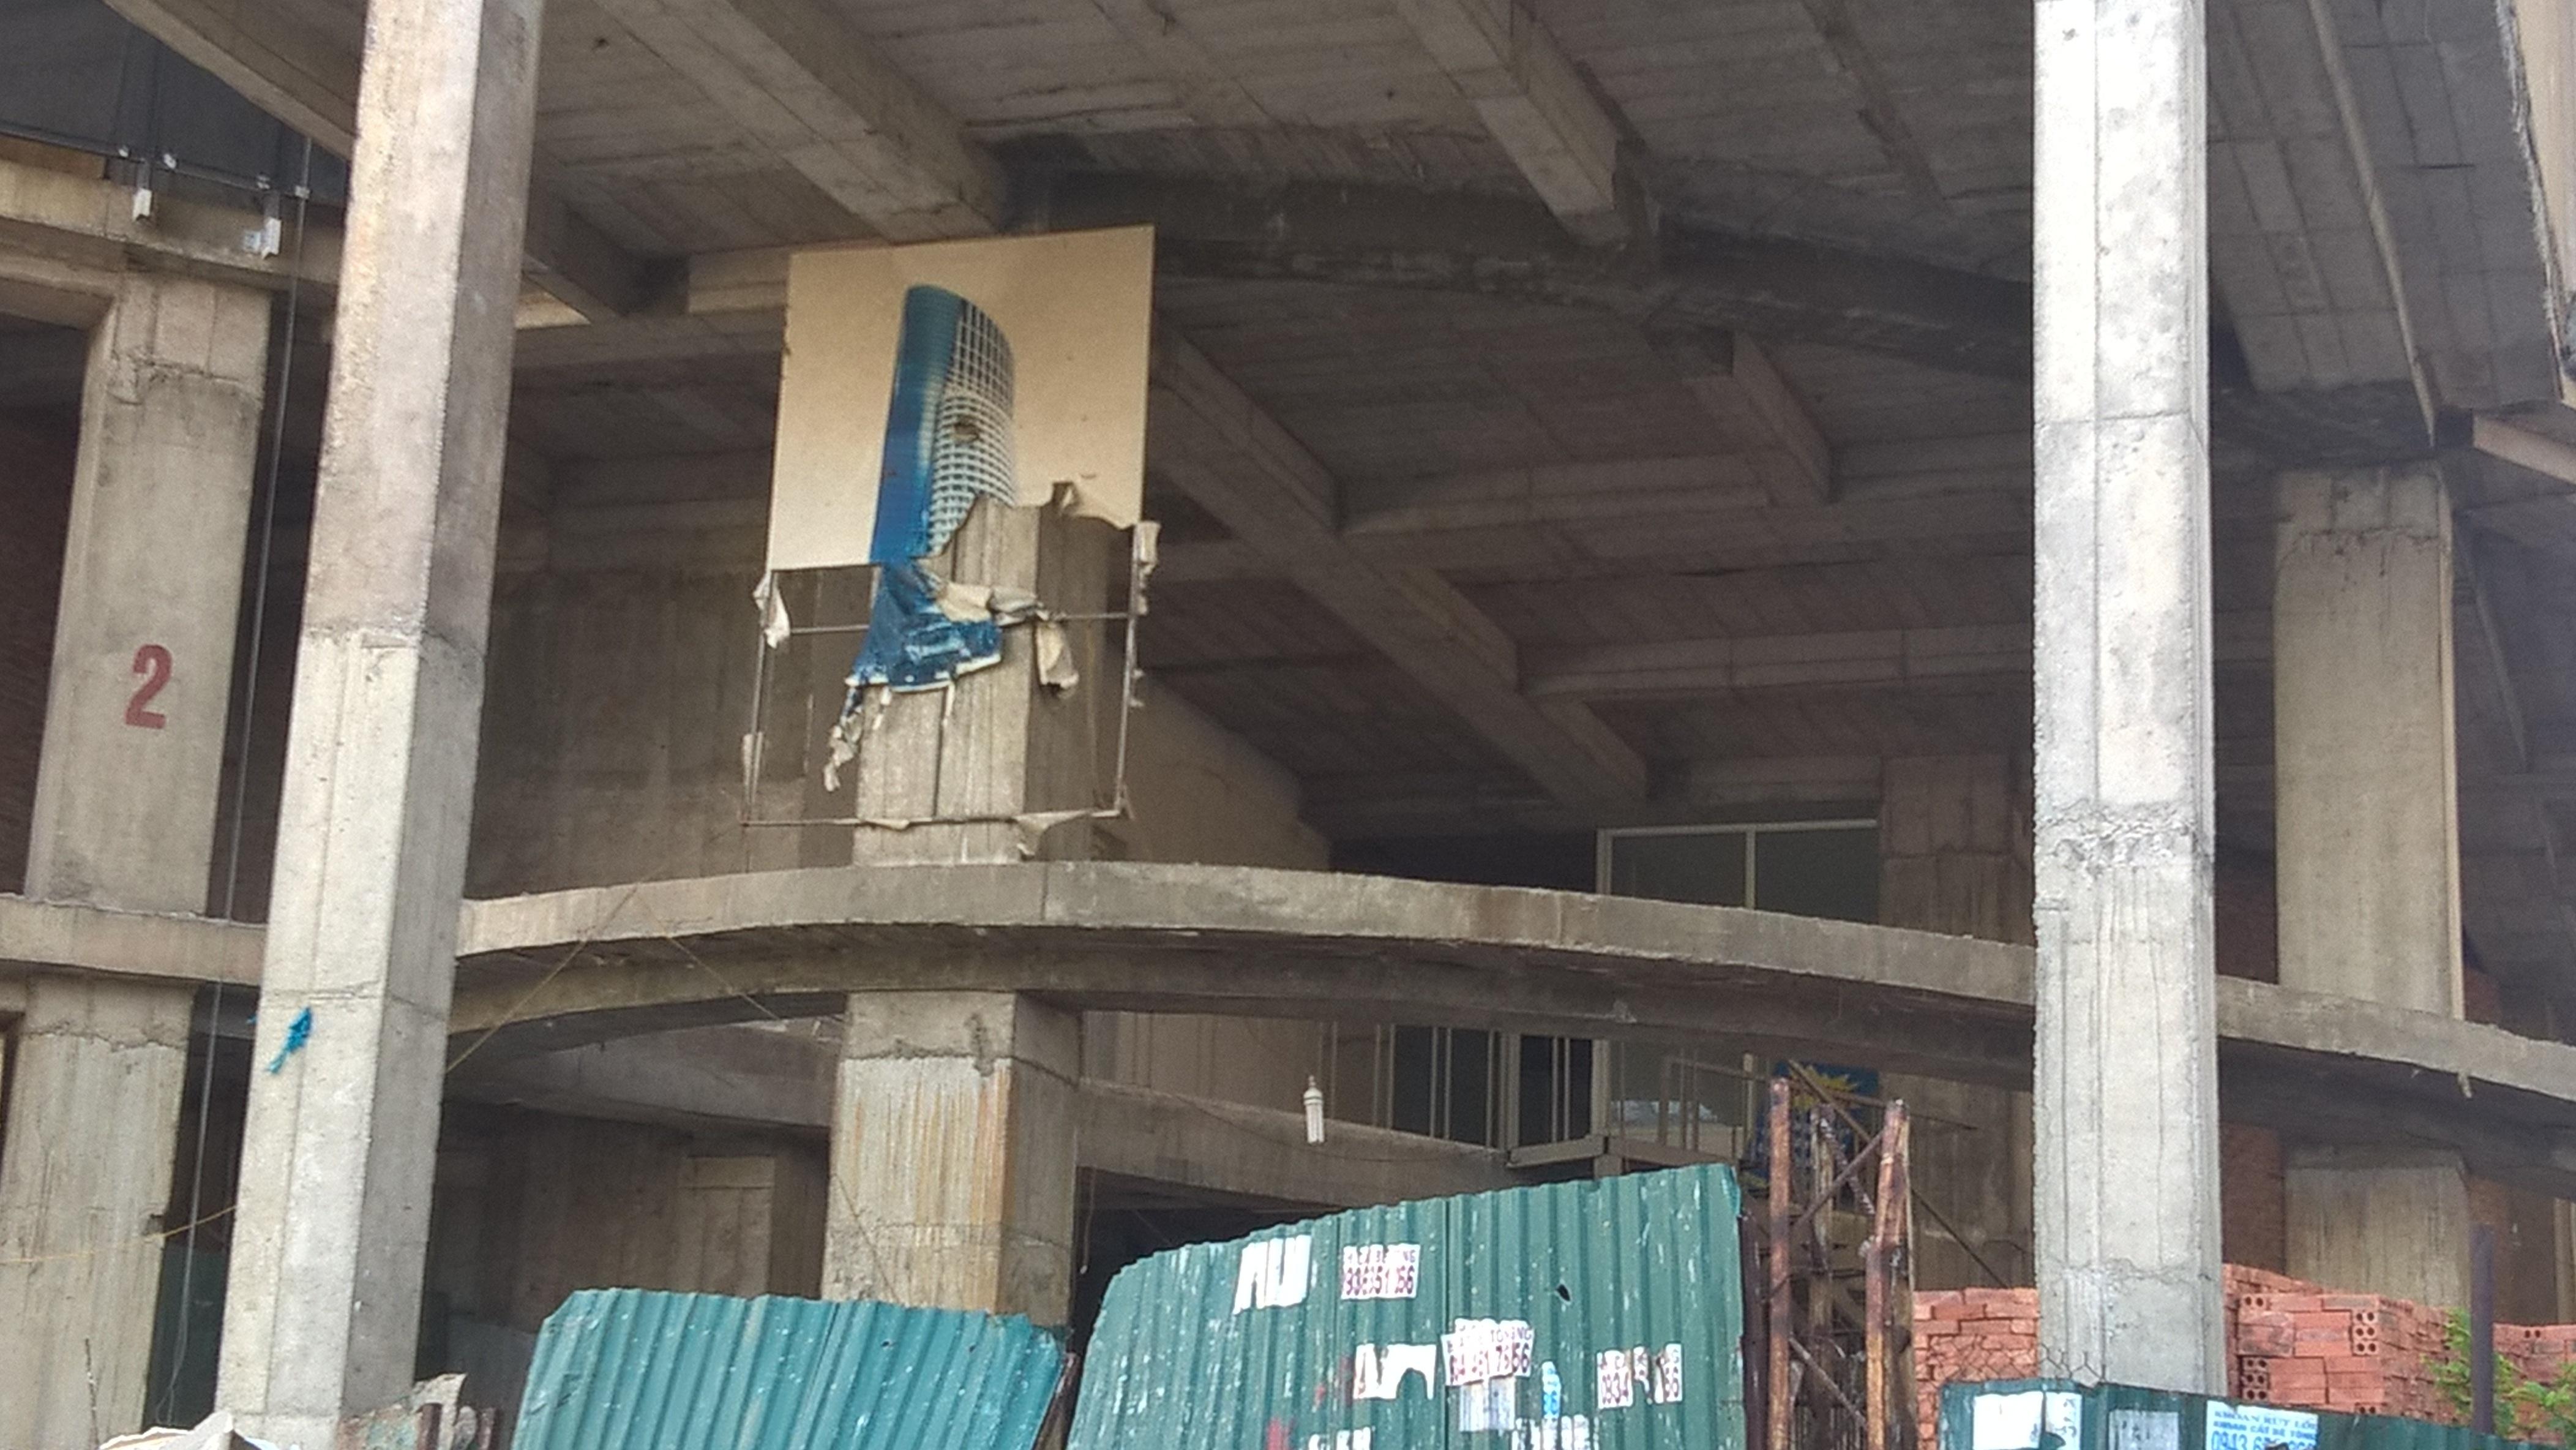 Dự án Ellipse Tower bị chậm tiến độ khá lâu khiến nhiều người dân mua nhà đang rất bức xúc